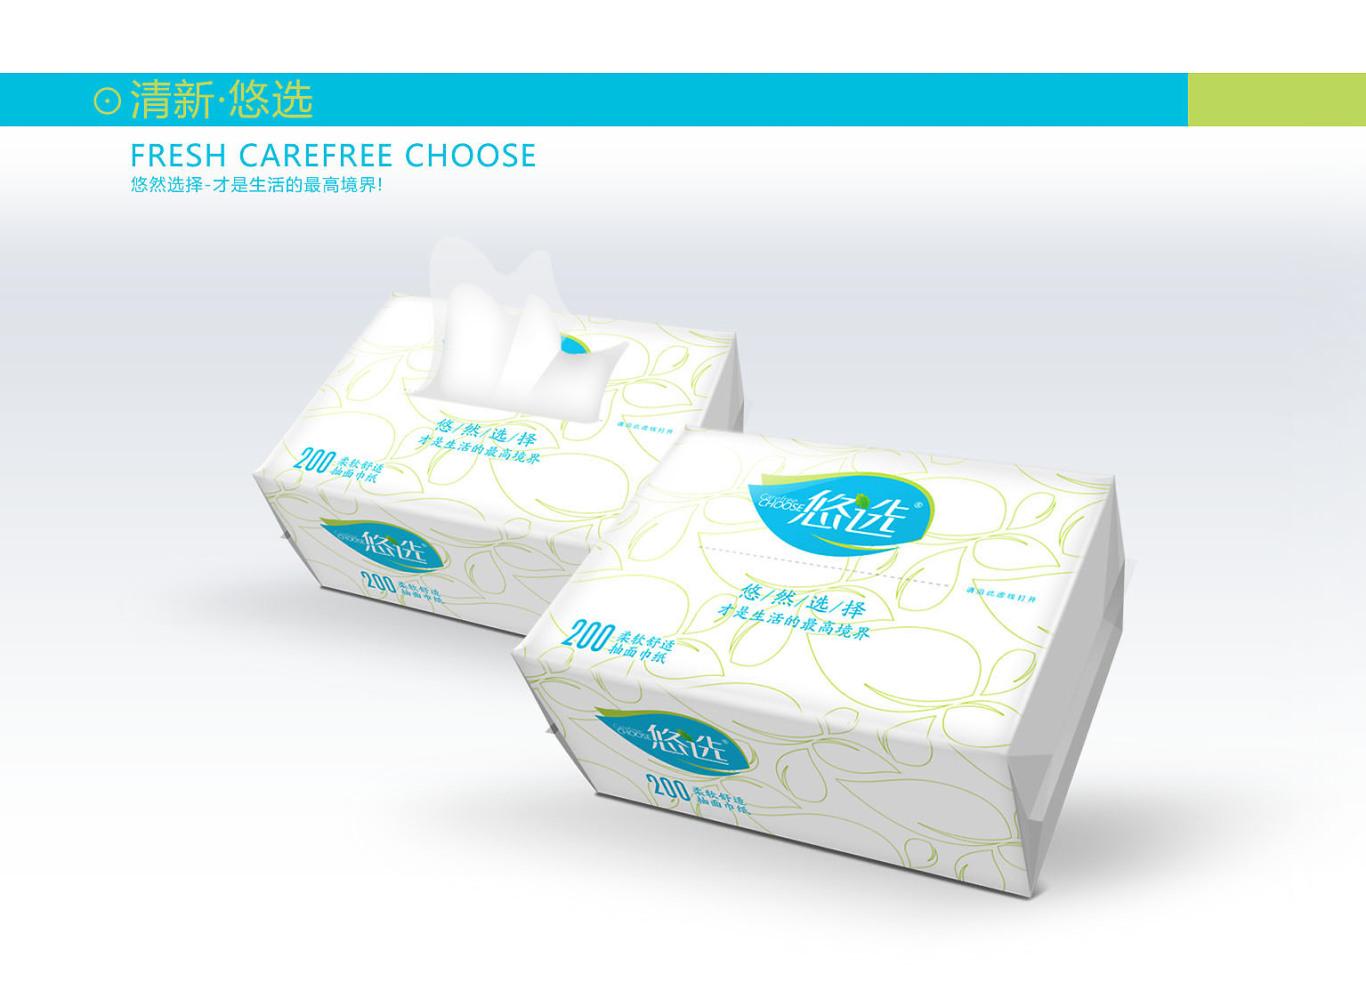 悠选品牌包装设计图8